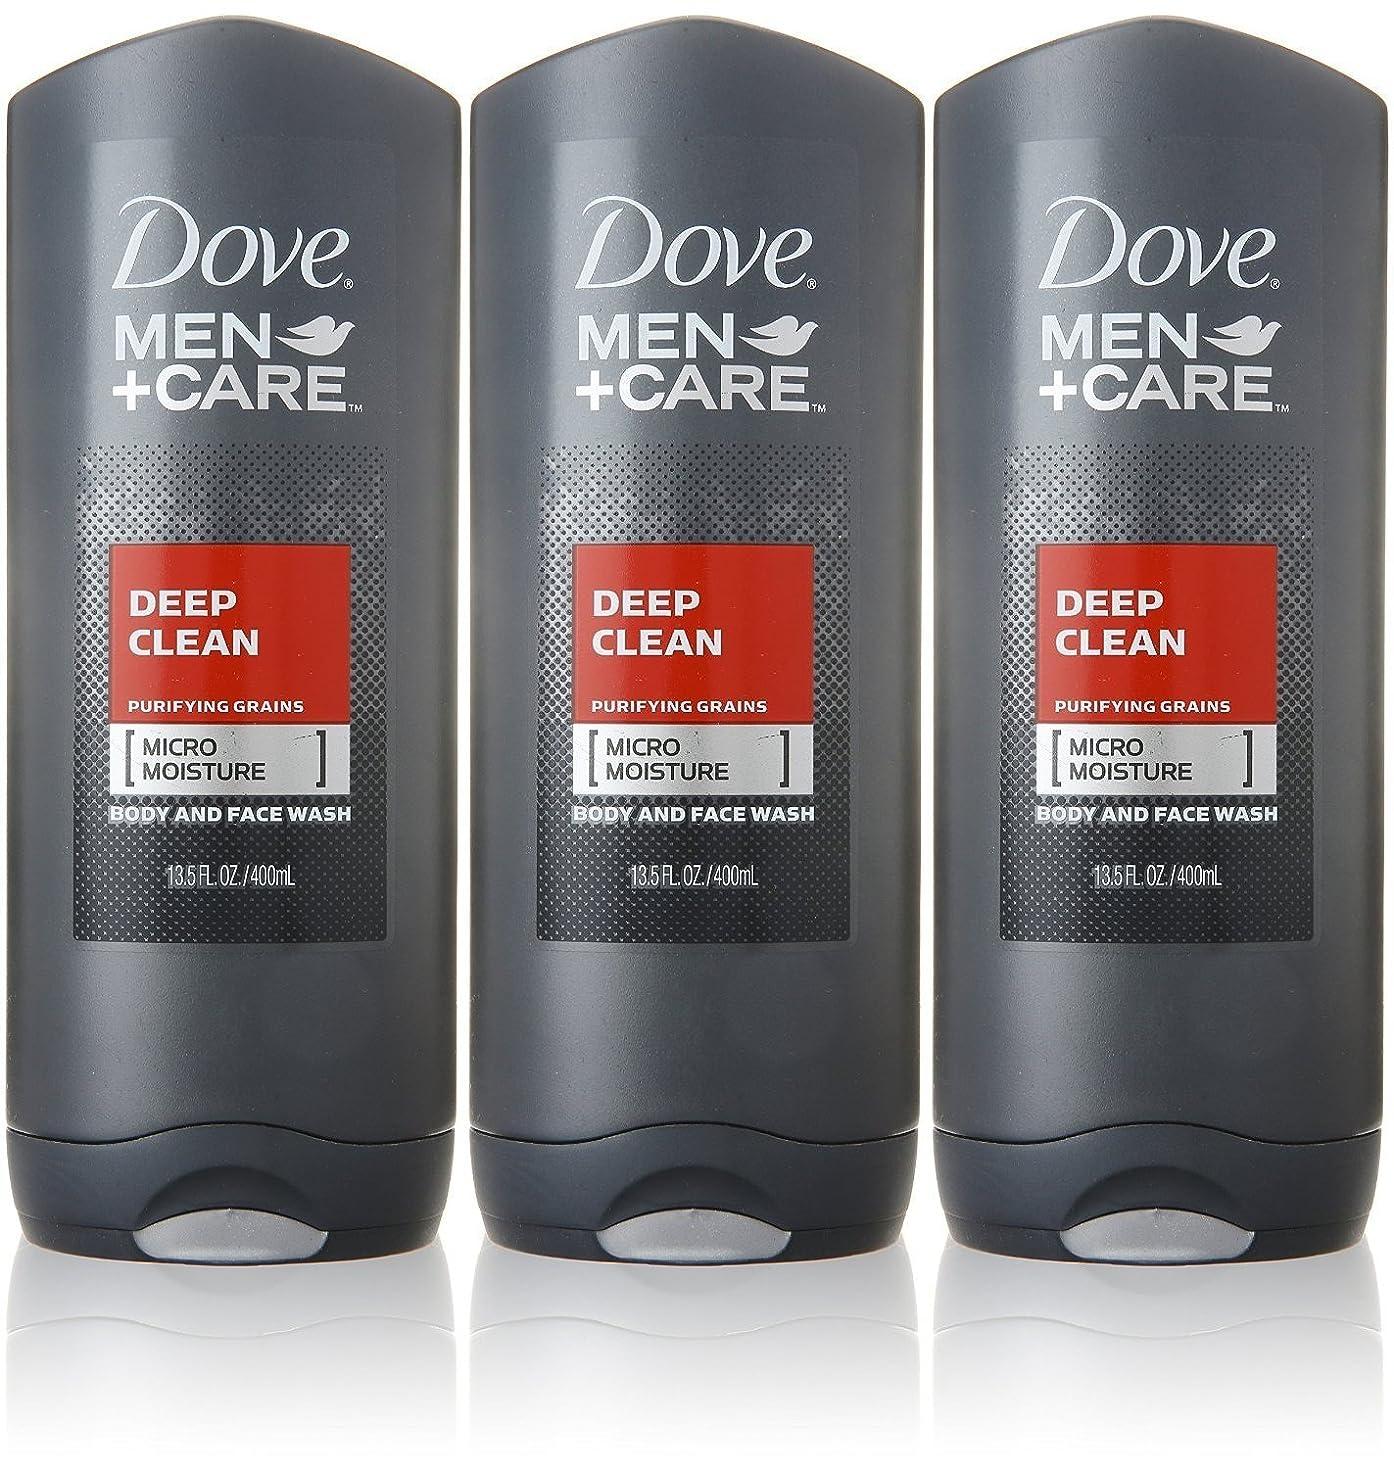 背が高いその後密輸Dove Deep Clean Mens Body Wash, 13.5 Ounce -- 3 per case. by Dove